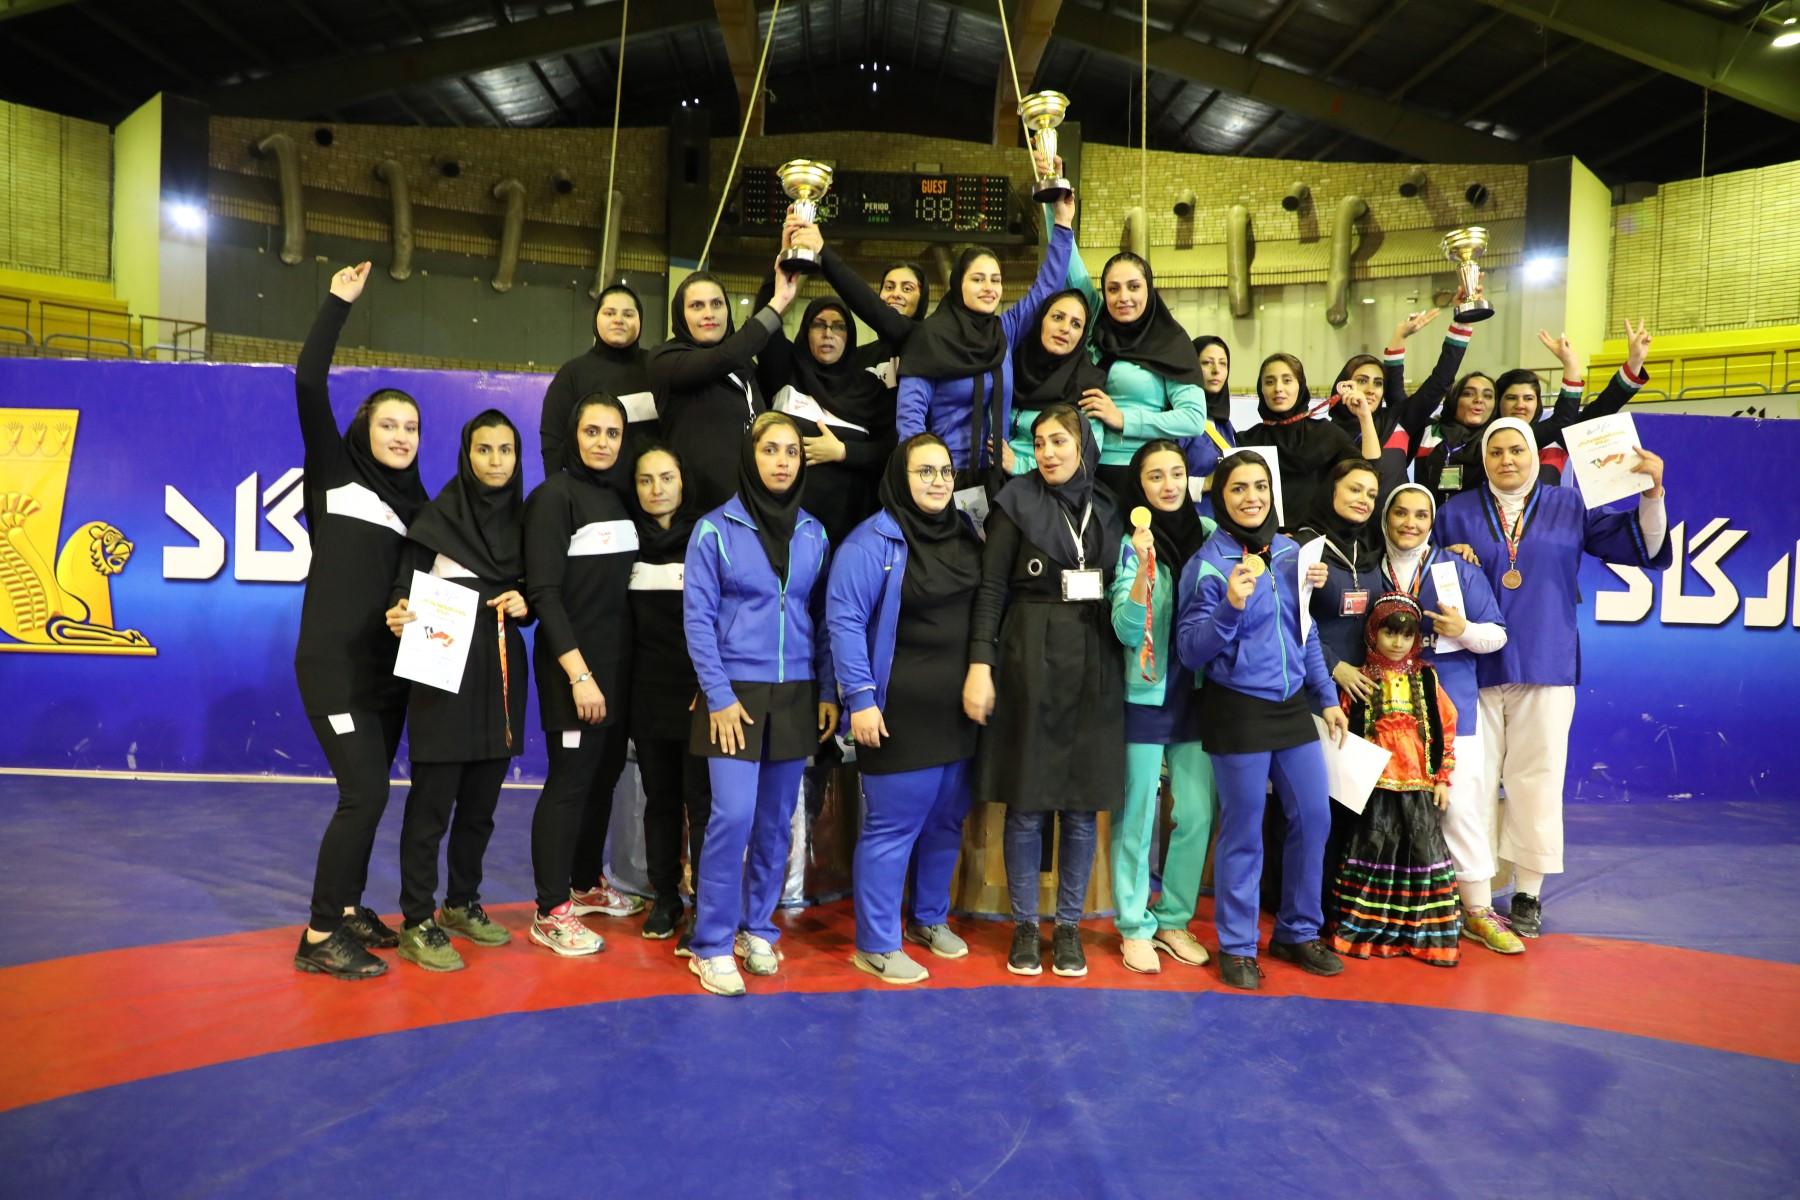 مسابقات کشتی آلیش بانوان کشور | مازندران مدالها را درو کرد